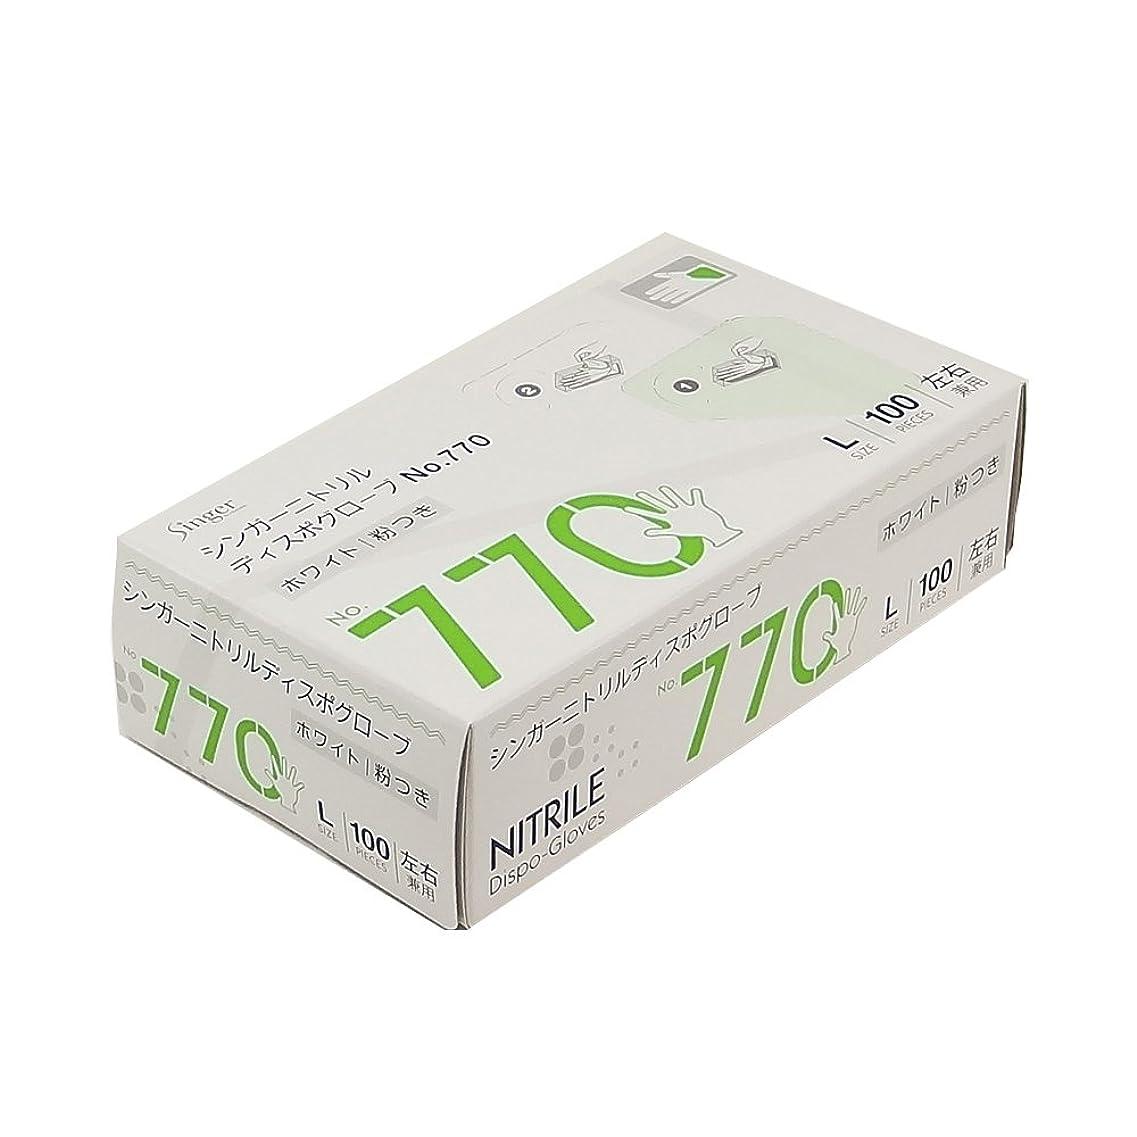 トランクブラウス革命宇都宮製作 ディスポ手袋 シンガーニトリルディスポグローブ No.770 ホワイト 粉付 100枚入  L